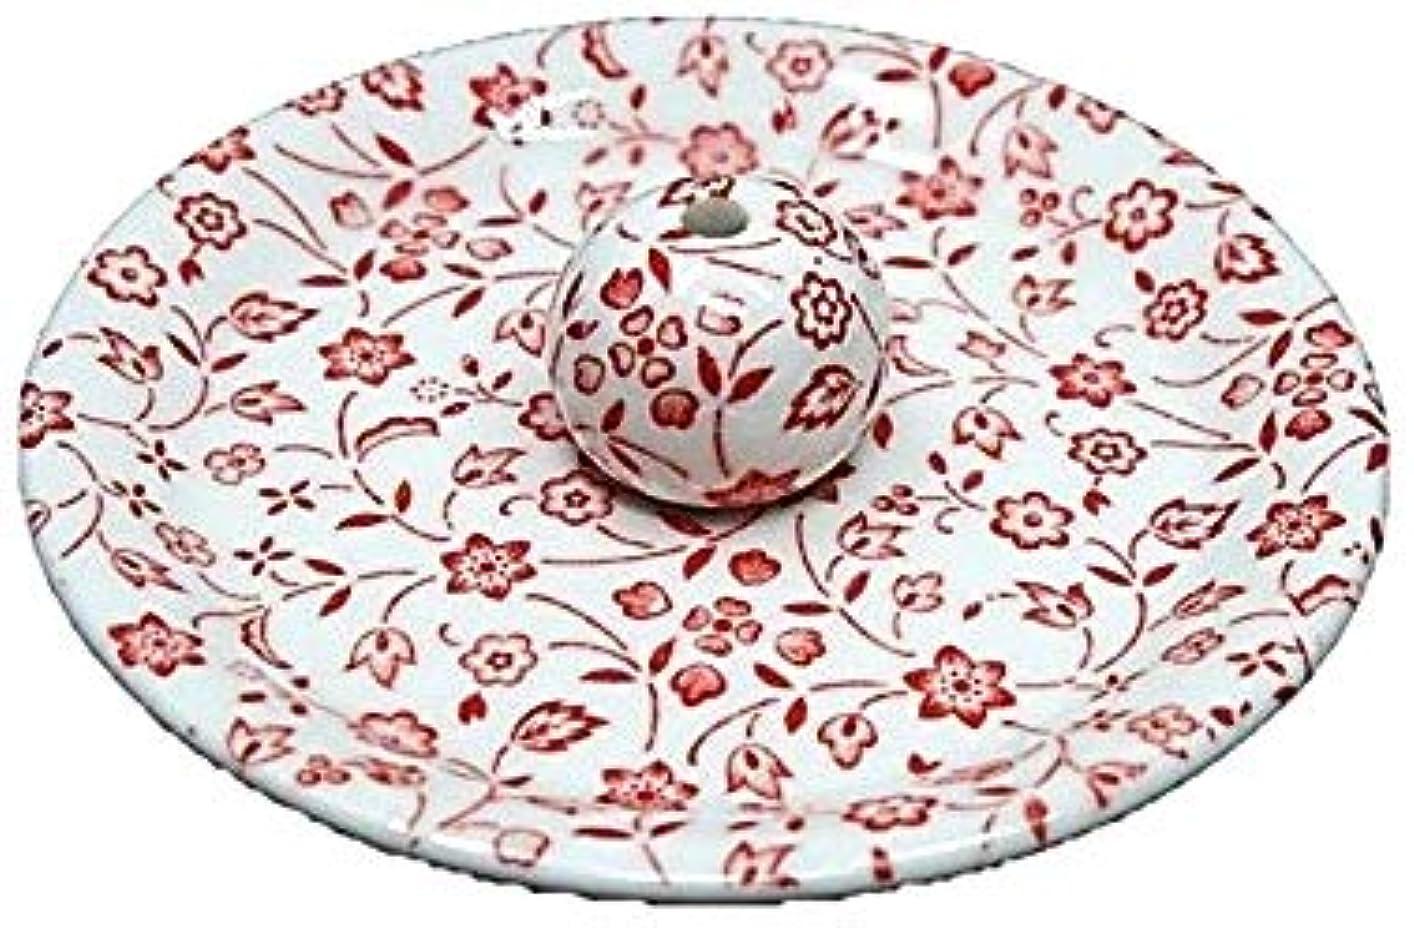 国家鈍い美徳9-20 赤小花 9cm香皿 お香立て お香たて 陶器 日本製 製造?直売品